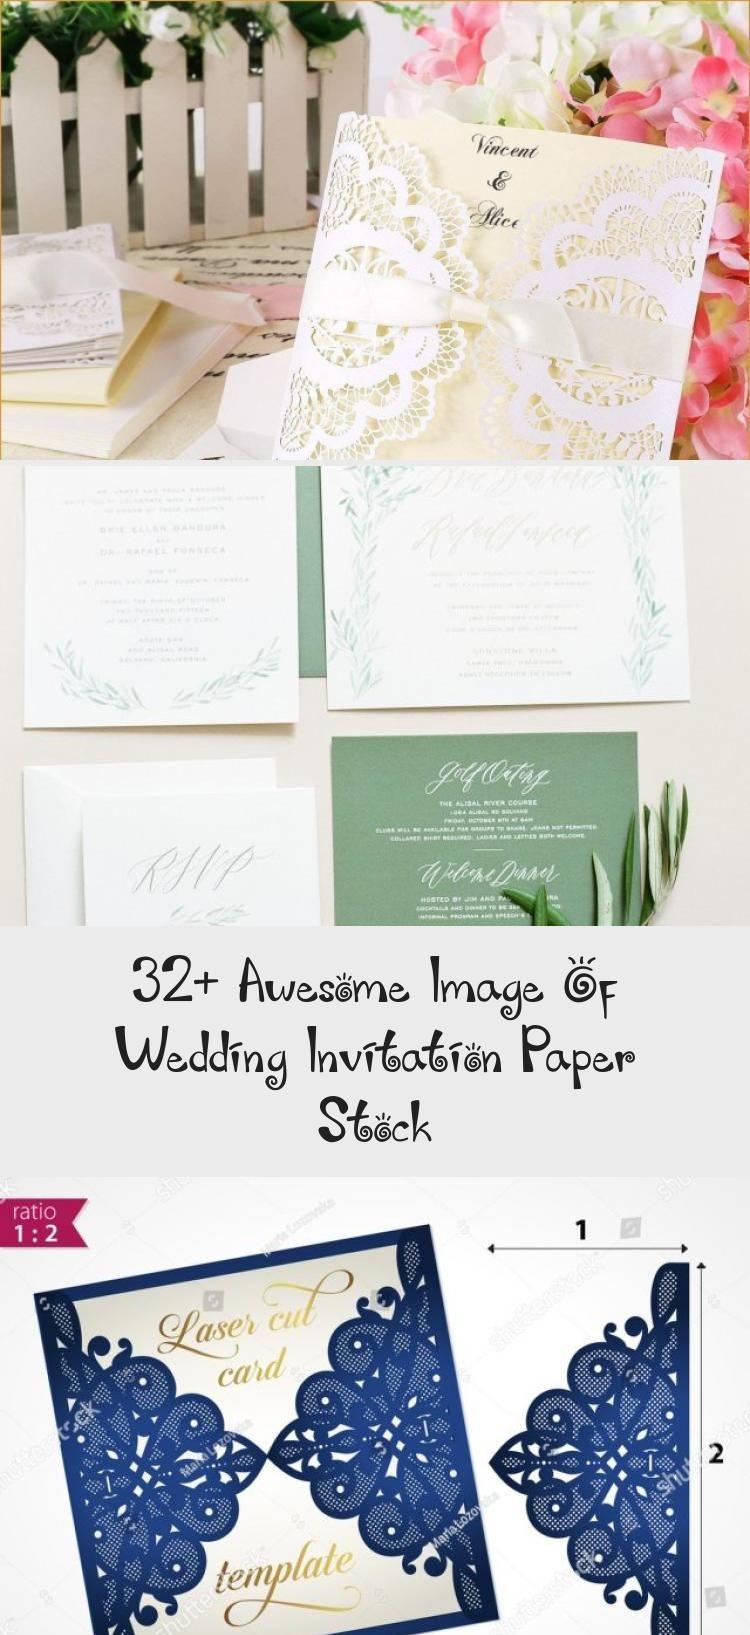 32 Awesome Image Of Wedding Invitation